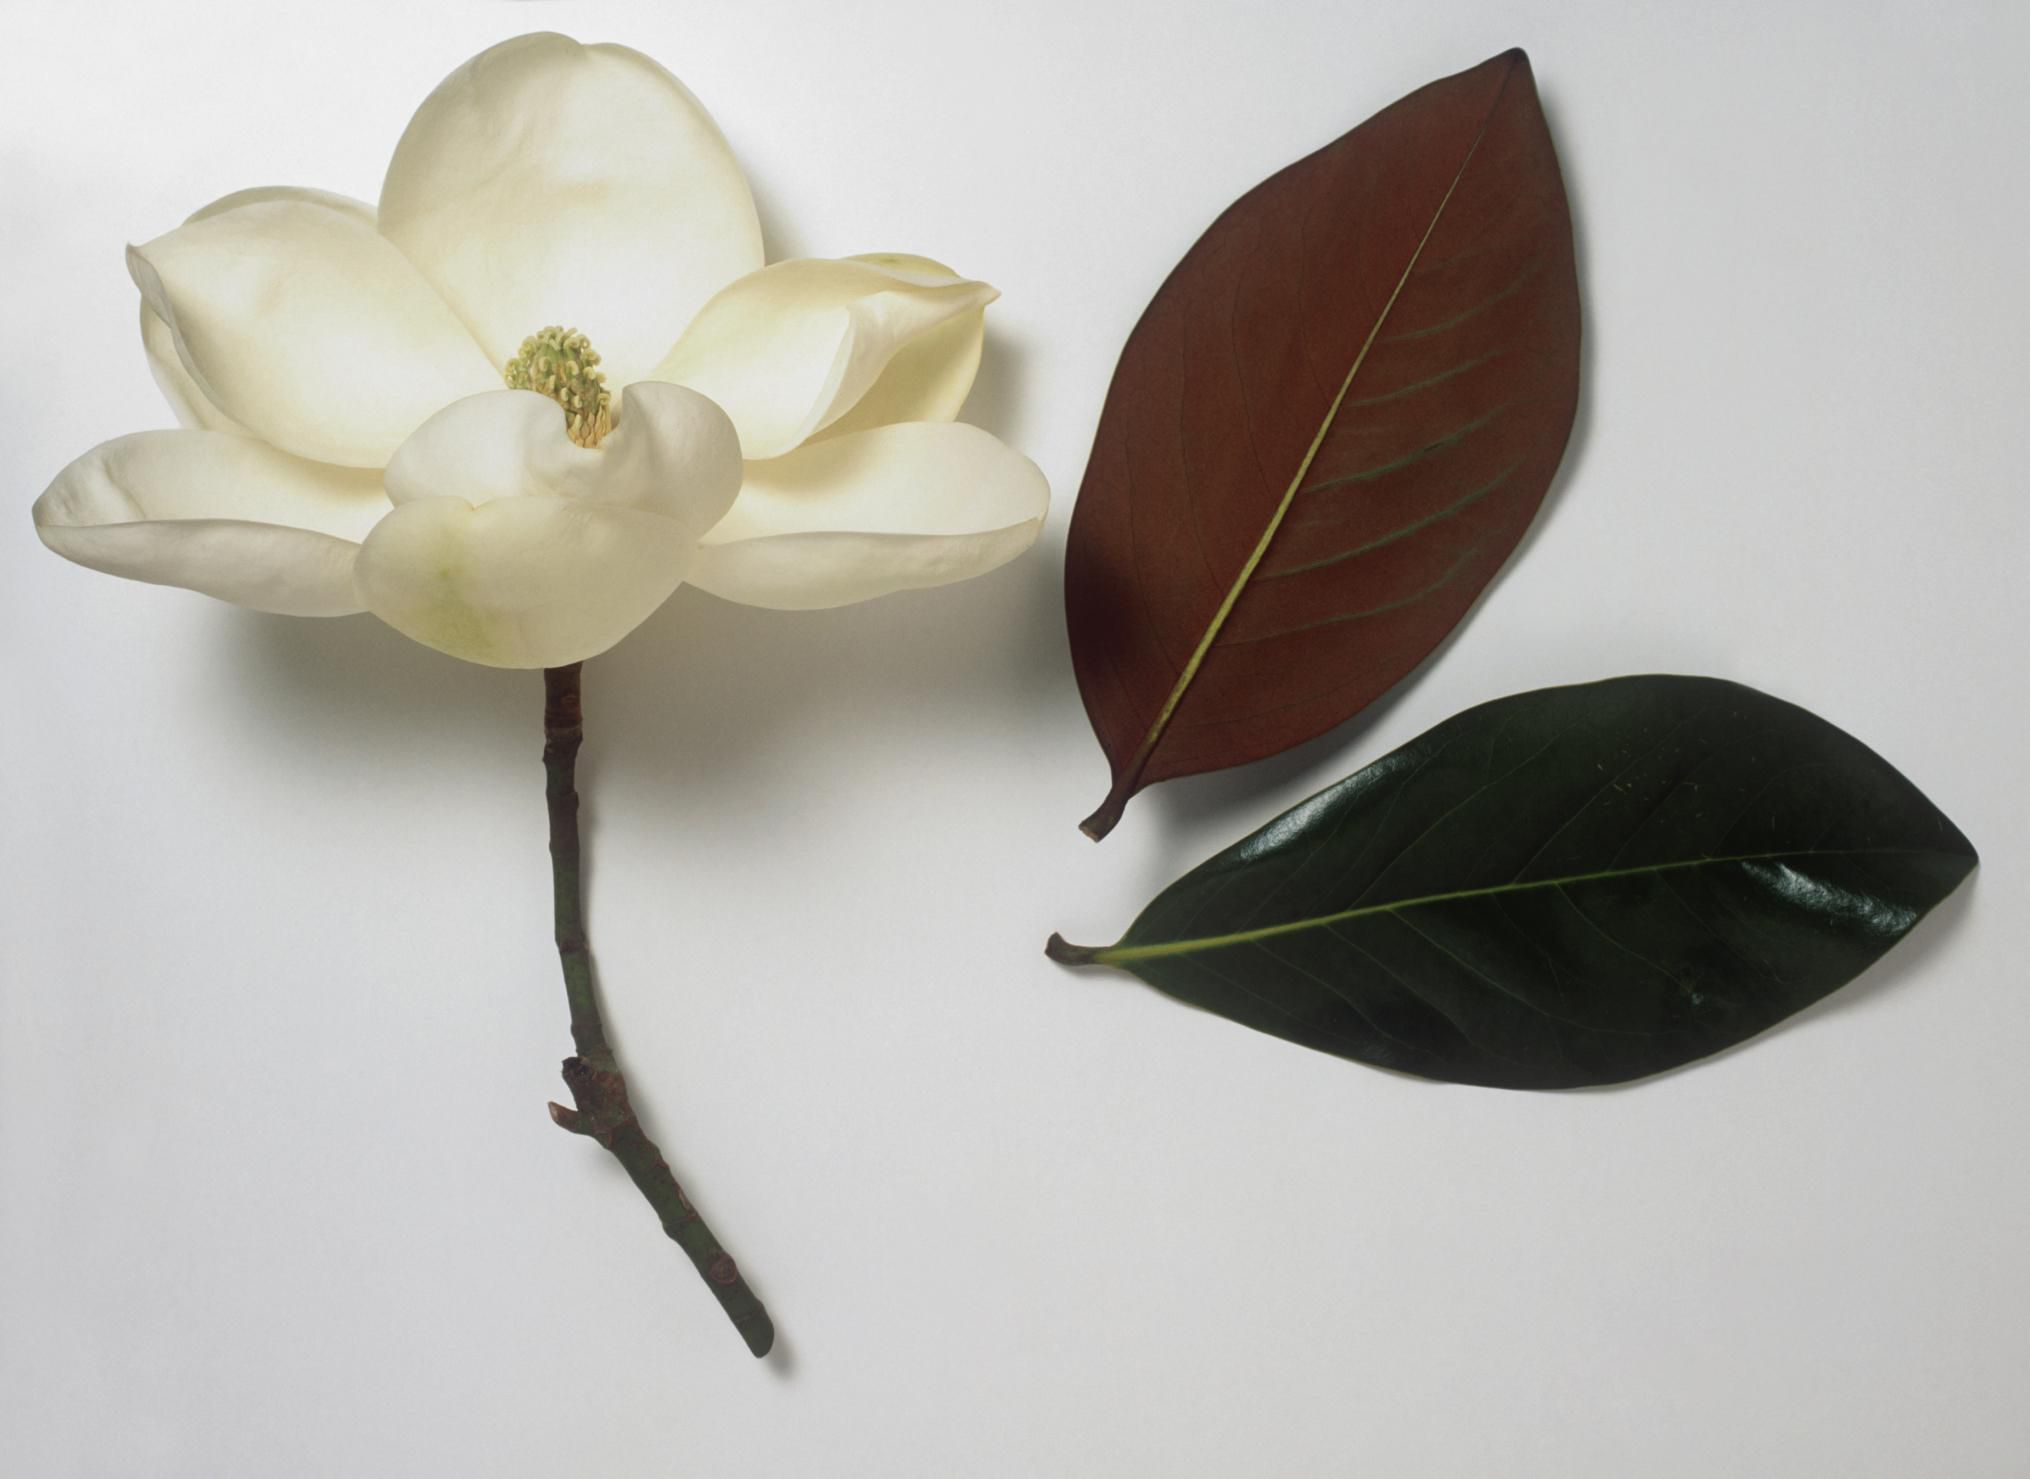 Tree Leaf Margins Serrated Vs Smooth Tree Leaf Key